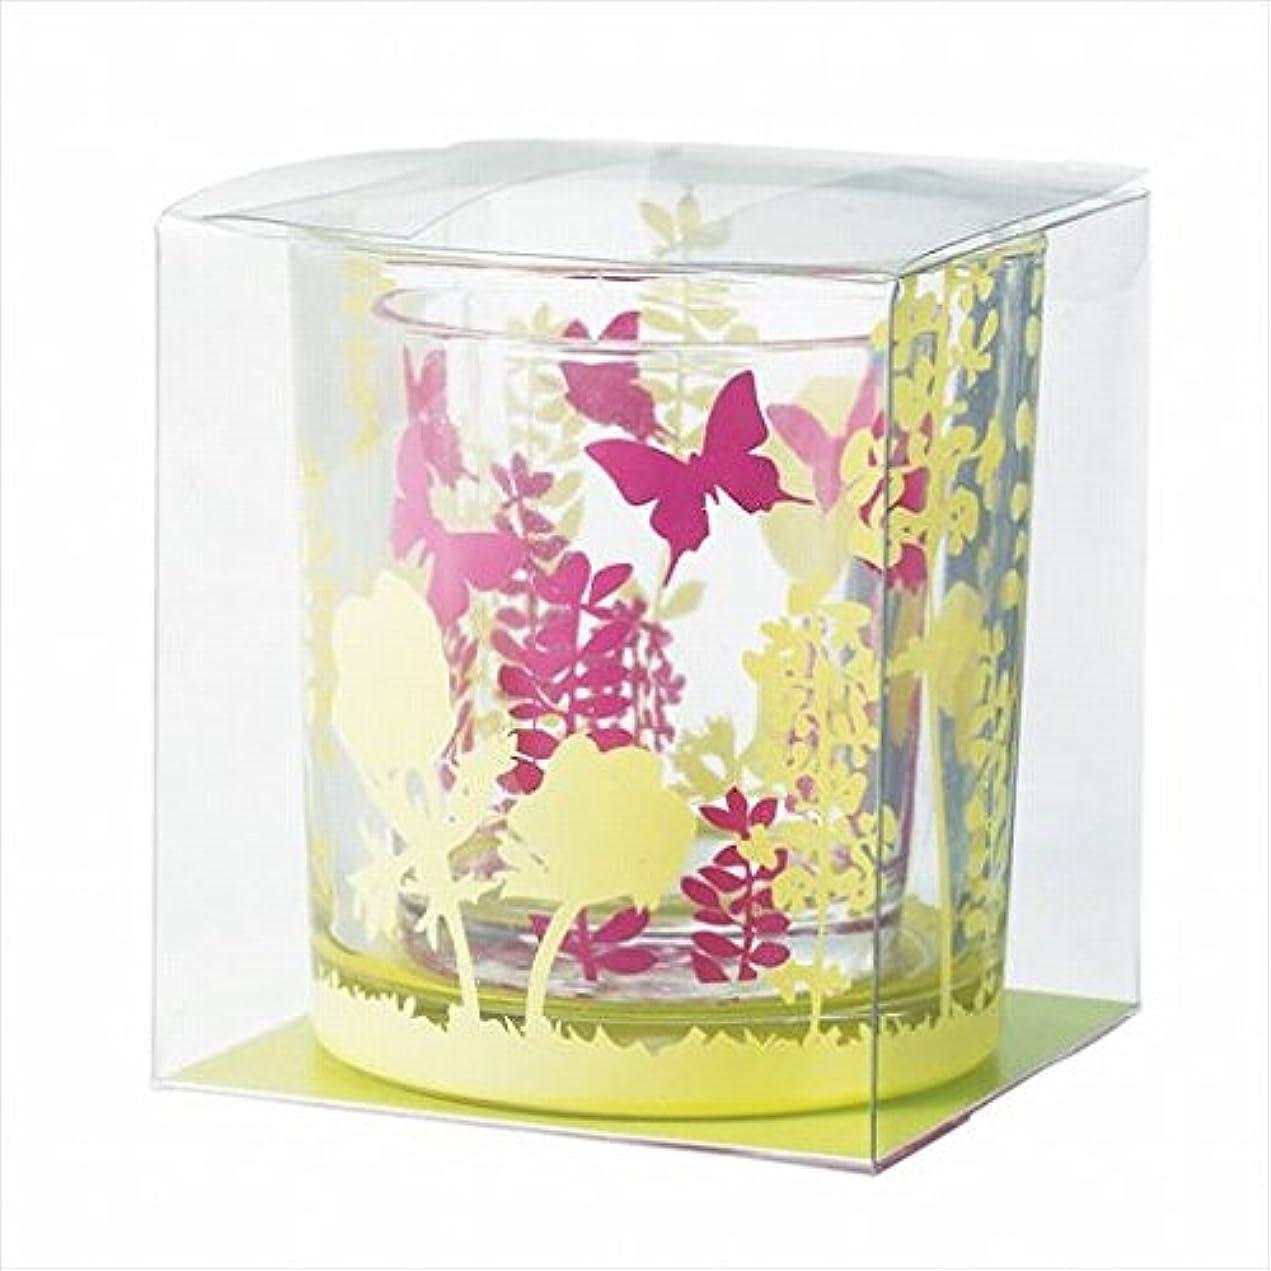 感じ壁紙不利益カメヤマキャンドル(kameyama candle) ブルーミングデュエットグラス 「 ウォームカラー 」